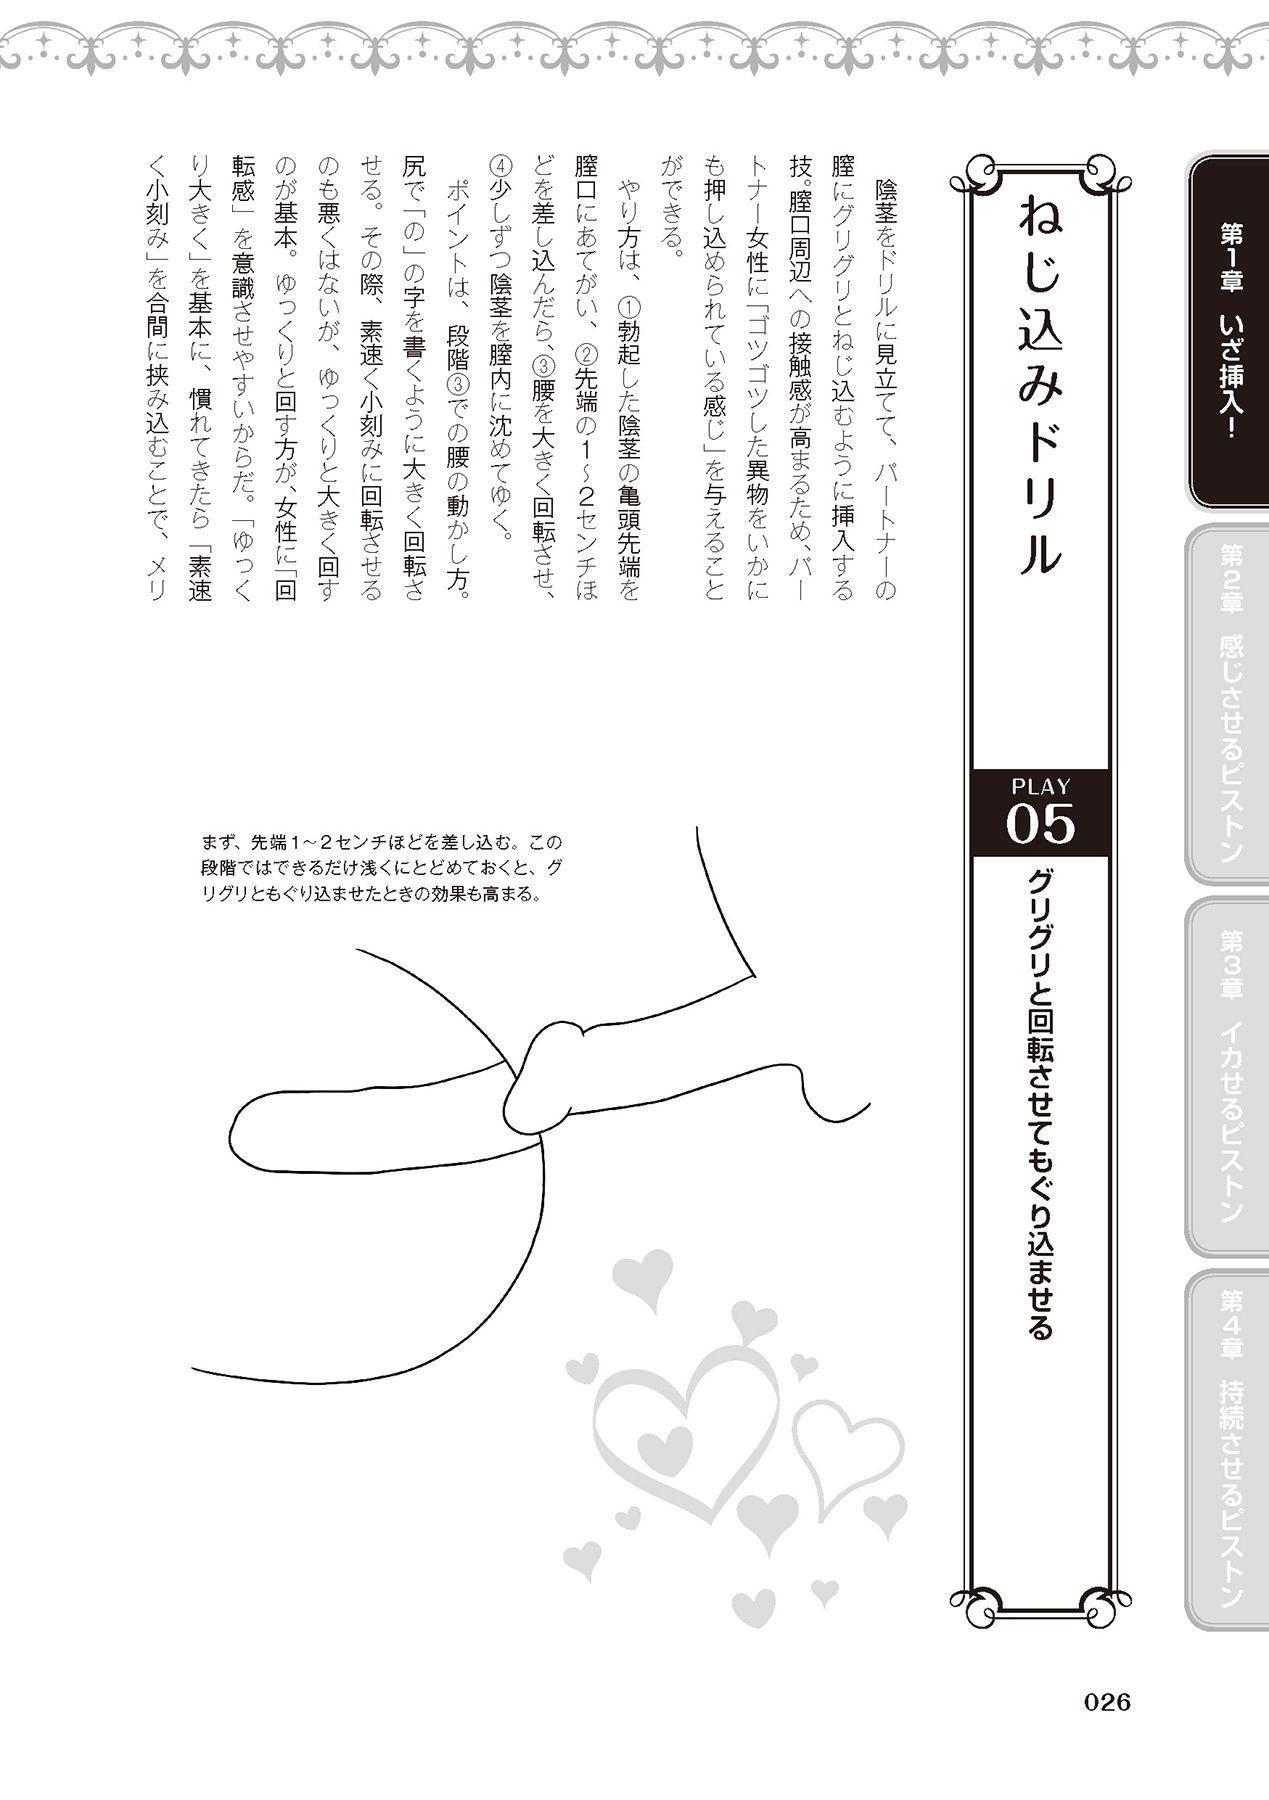 膣挿入&ピストン運動完全マニュアル イラスト版……ピスとんッ! 27